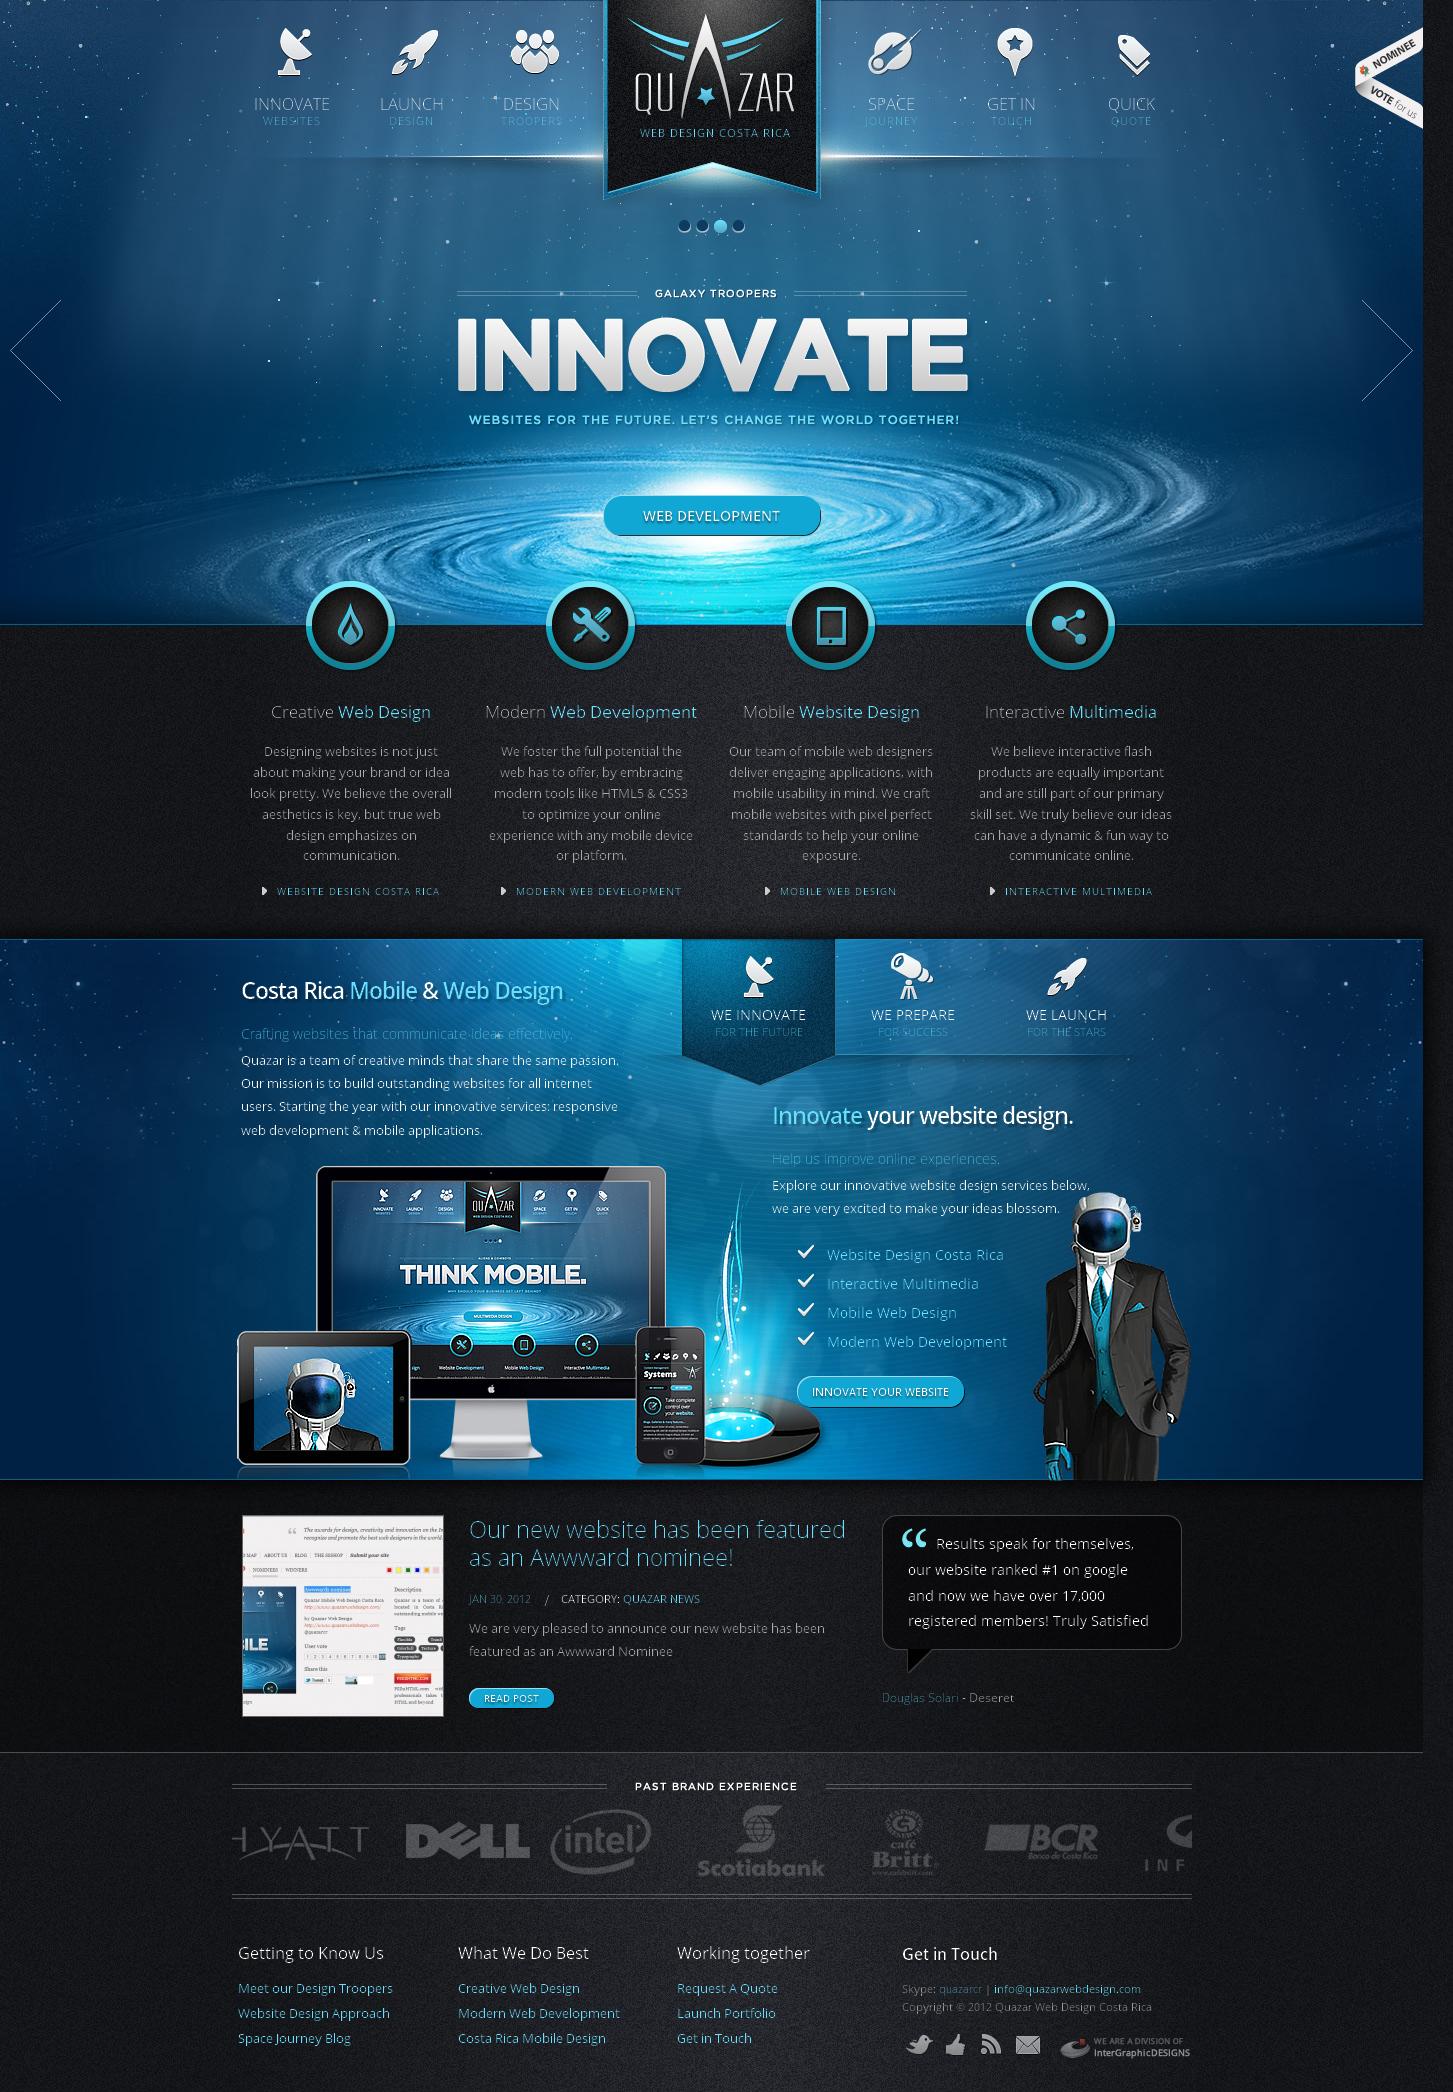 哥斯达黎加移动网页设计及网站开发公司!